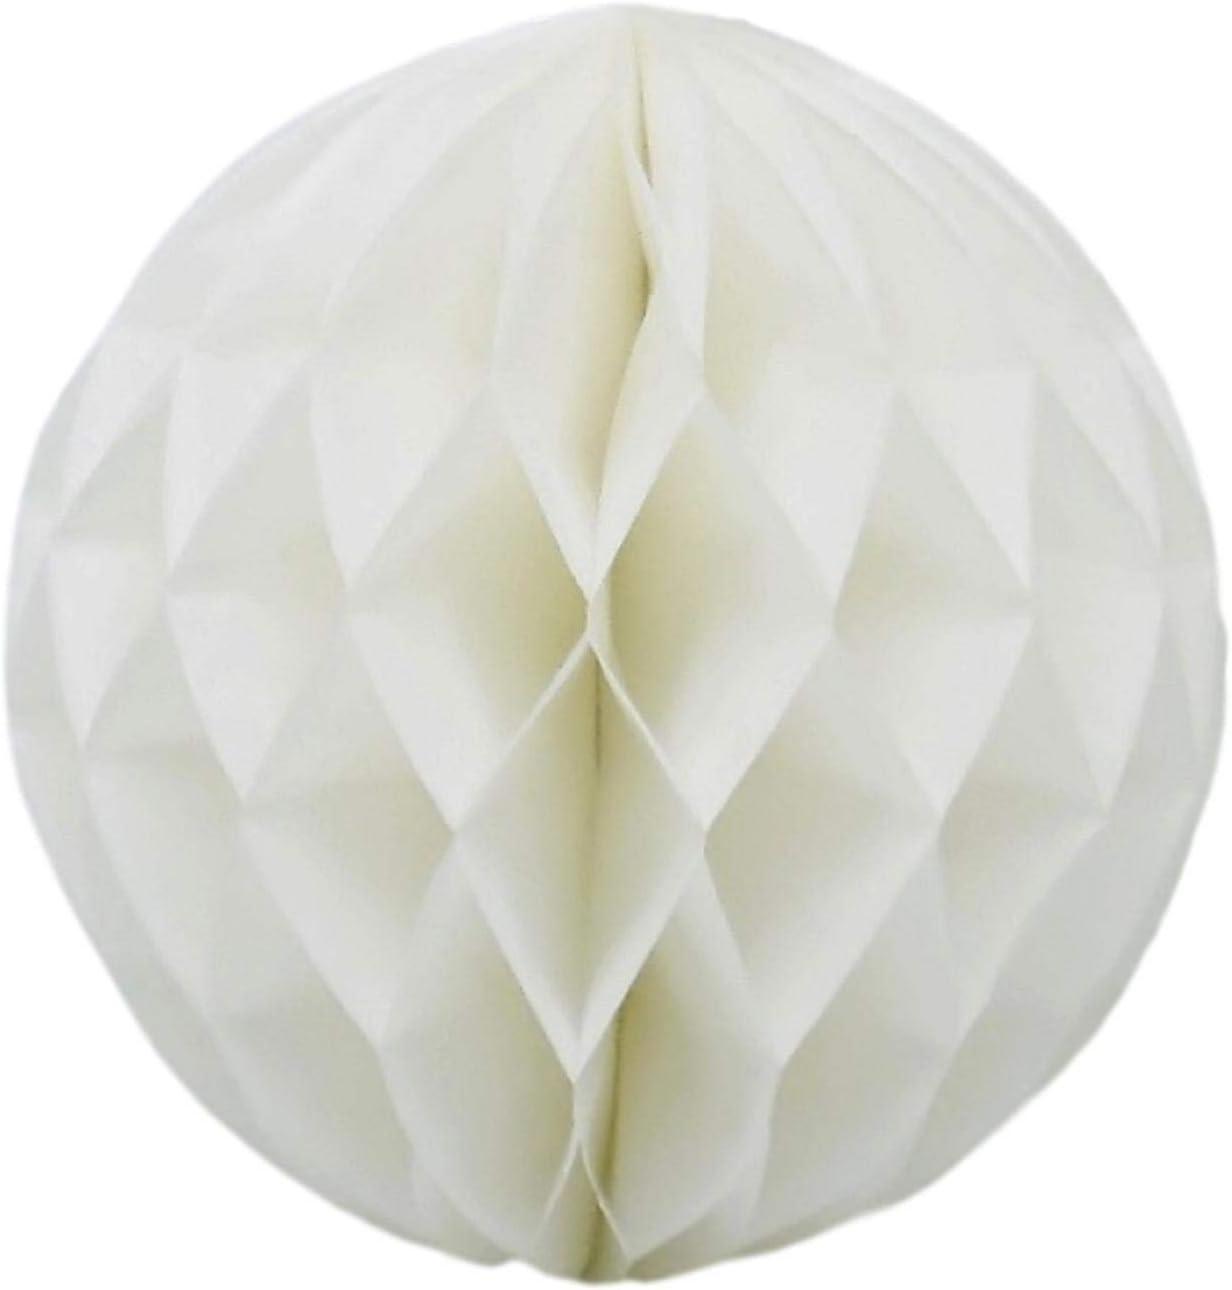 Wabenball 5 St/ück pink Honeycomb 15cm Geburtstag Hochzeit Dekoration Papier Deko